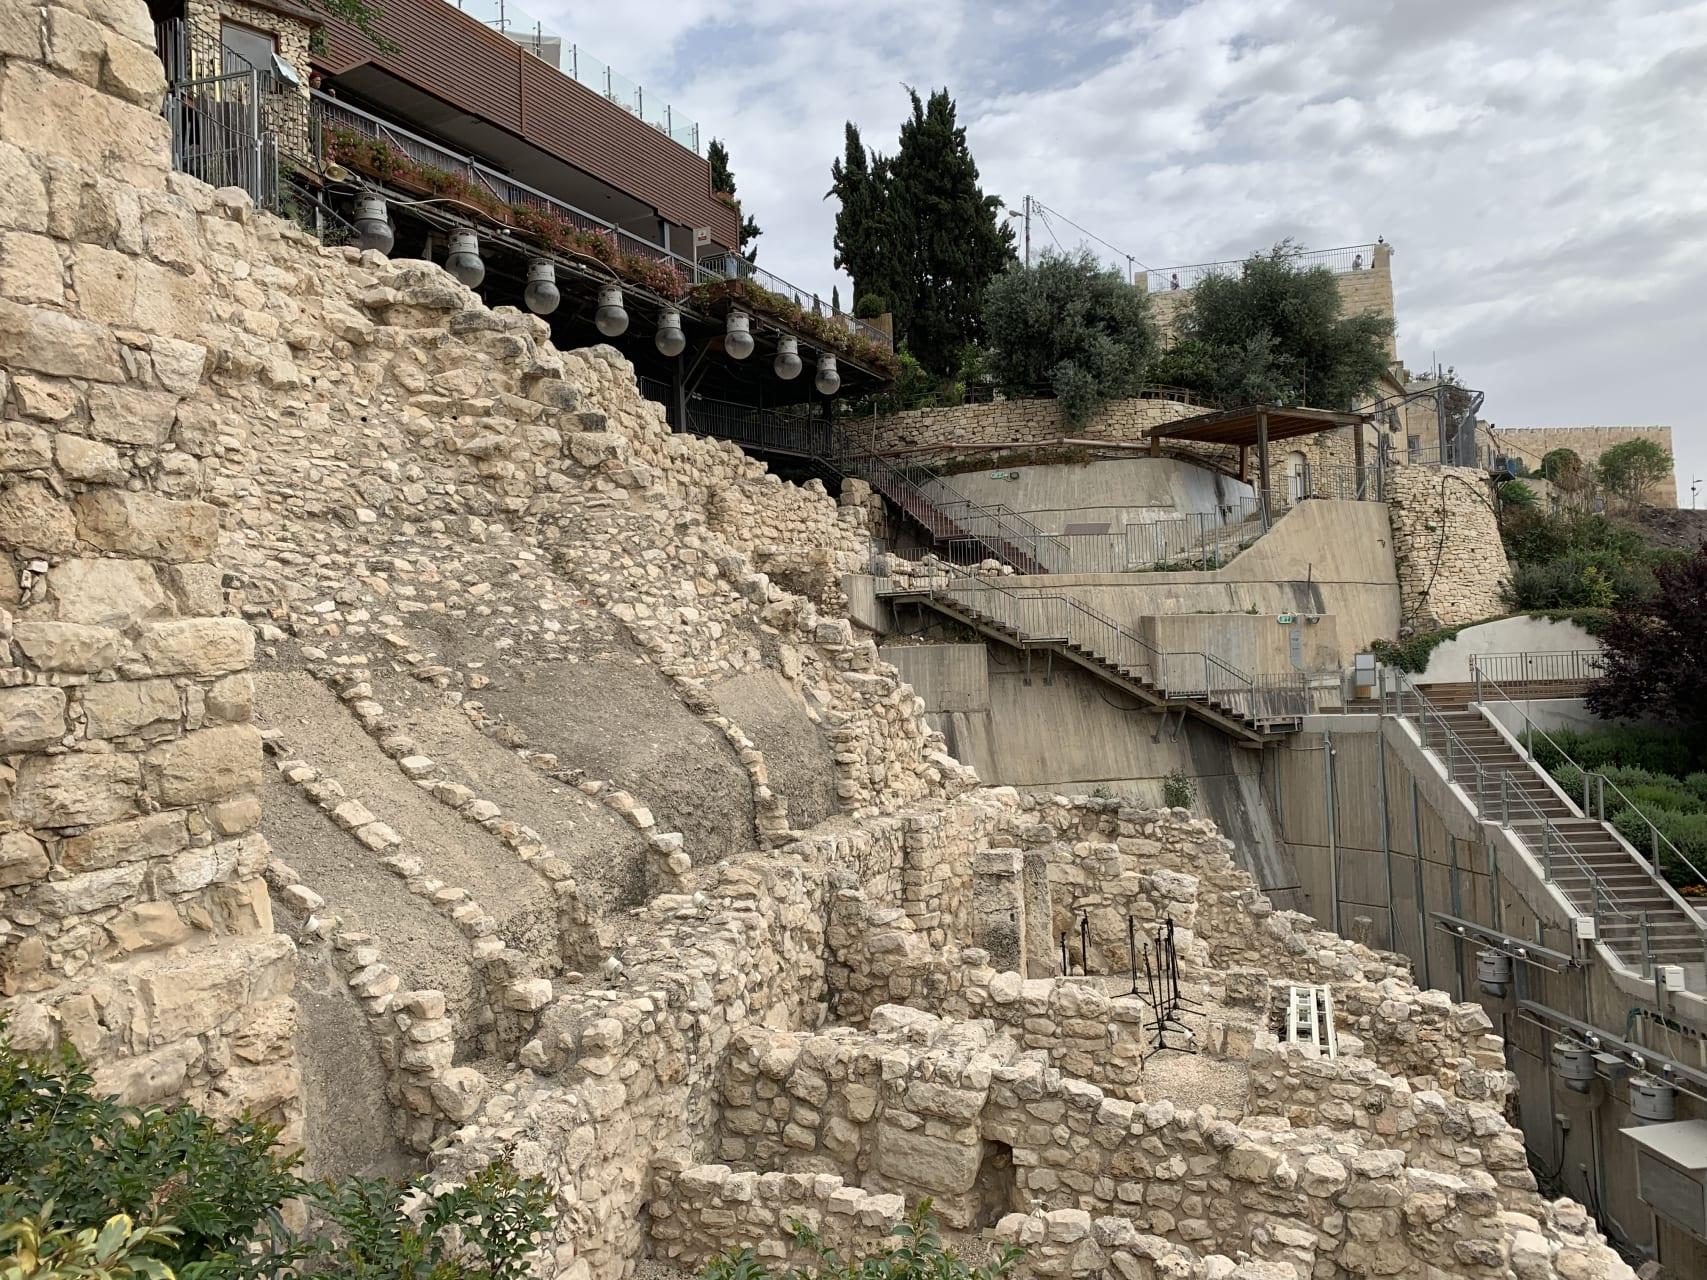 Jerusalem - The City of David - Ancient Jerusalem